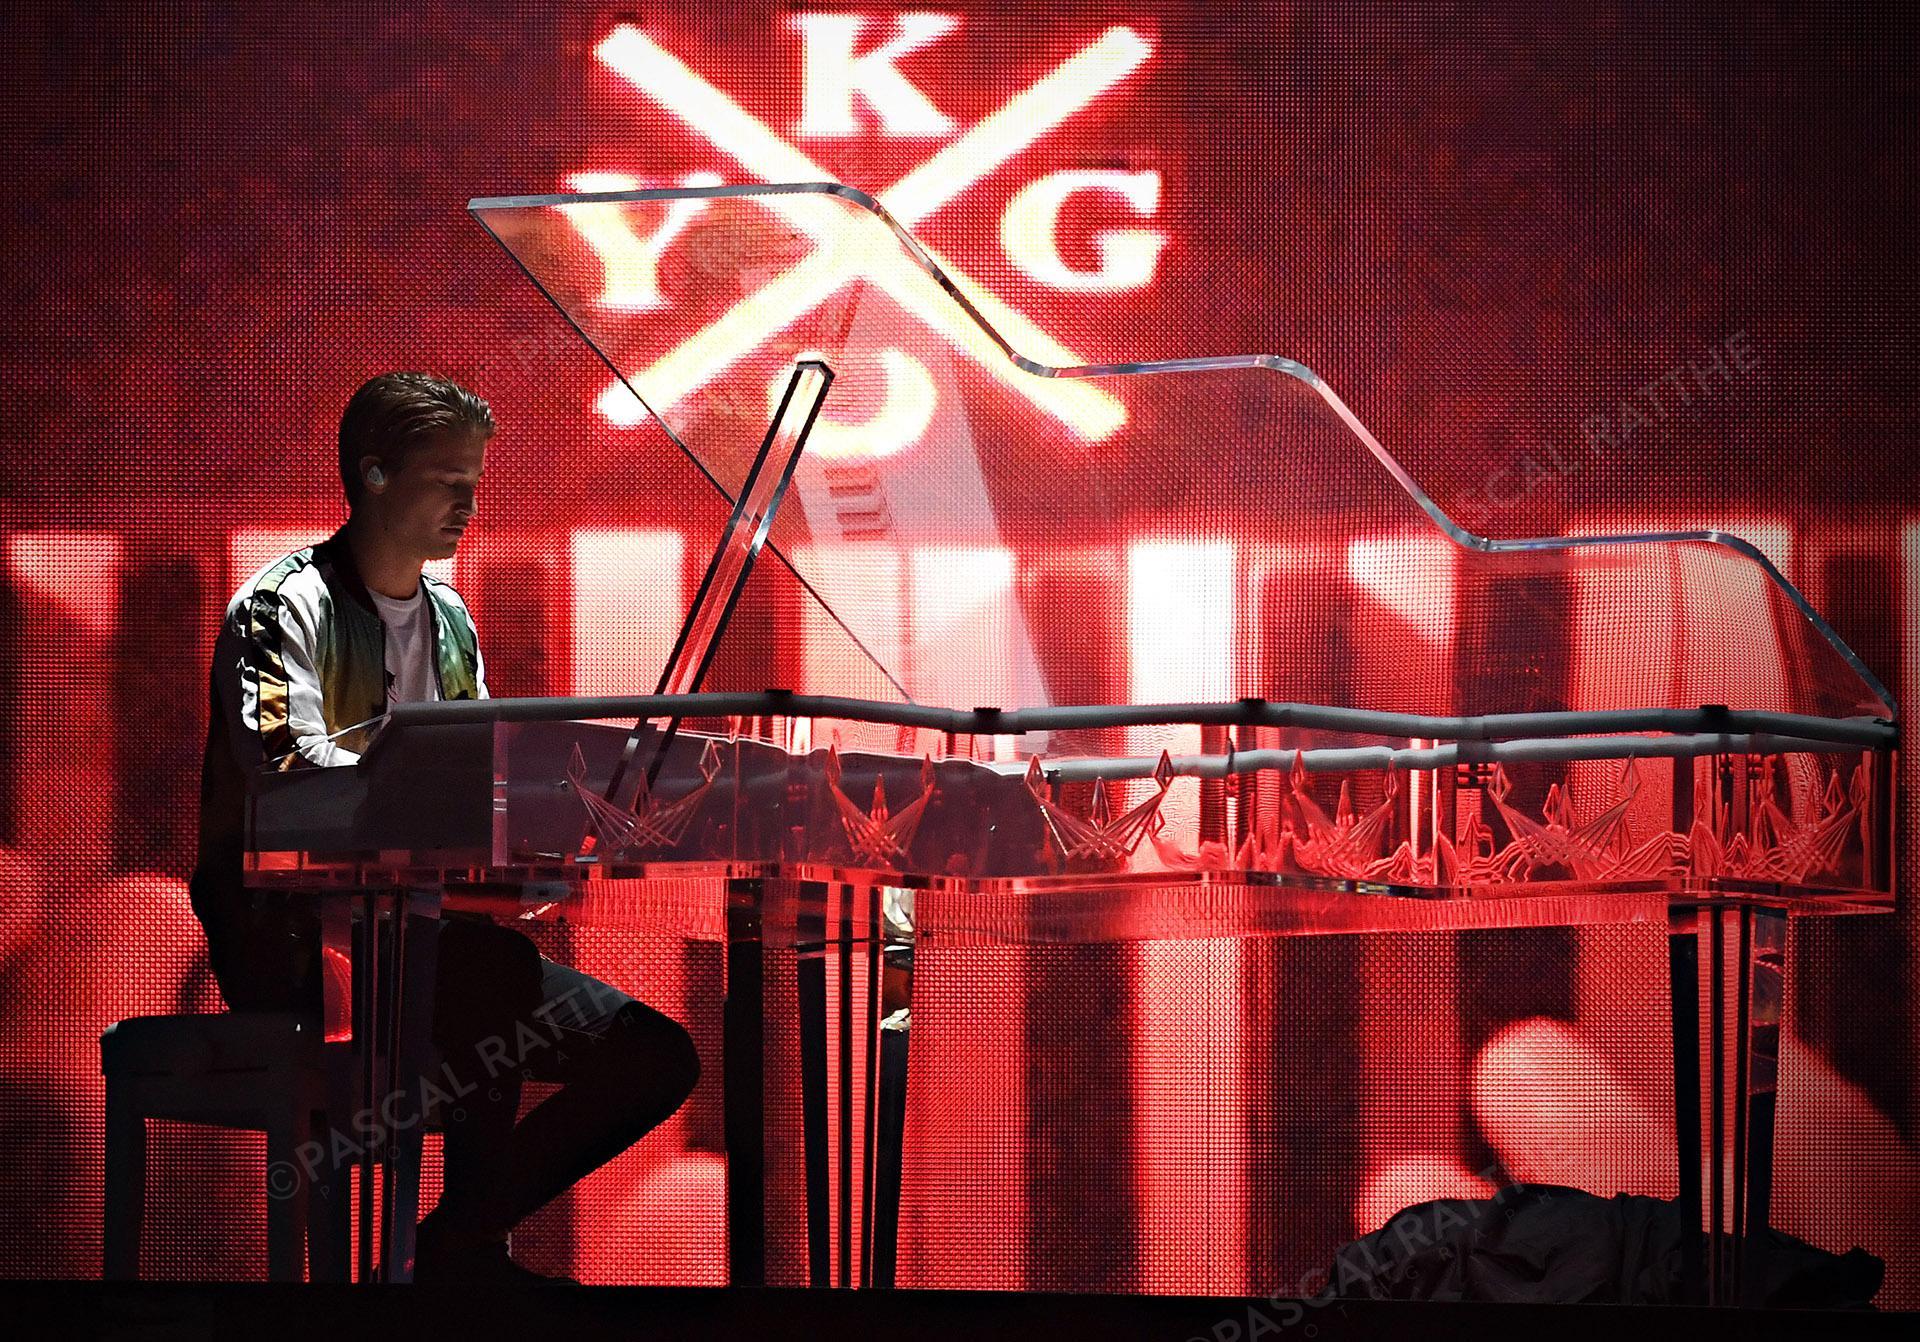 spectacle de Kygo durant le festival d'été 2019 sur la scène Bellles plaines